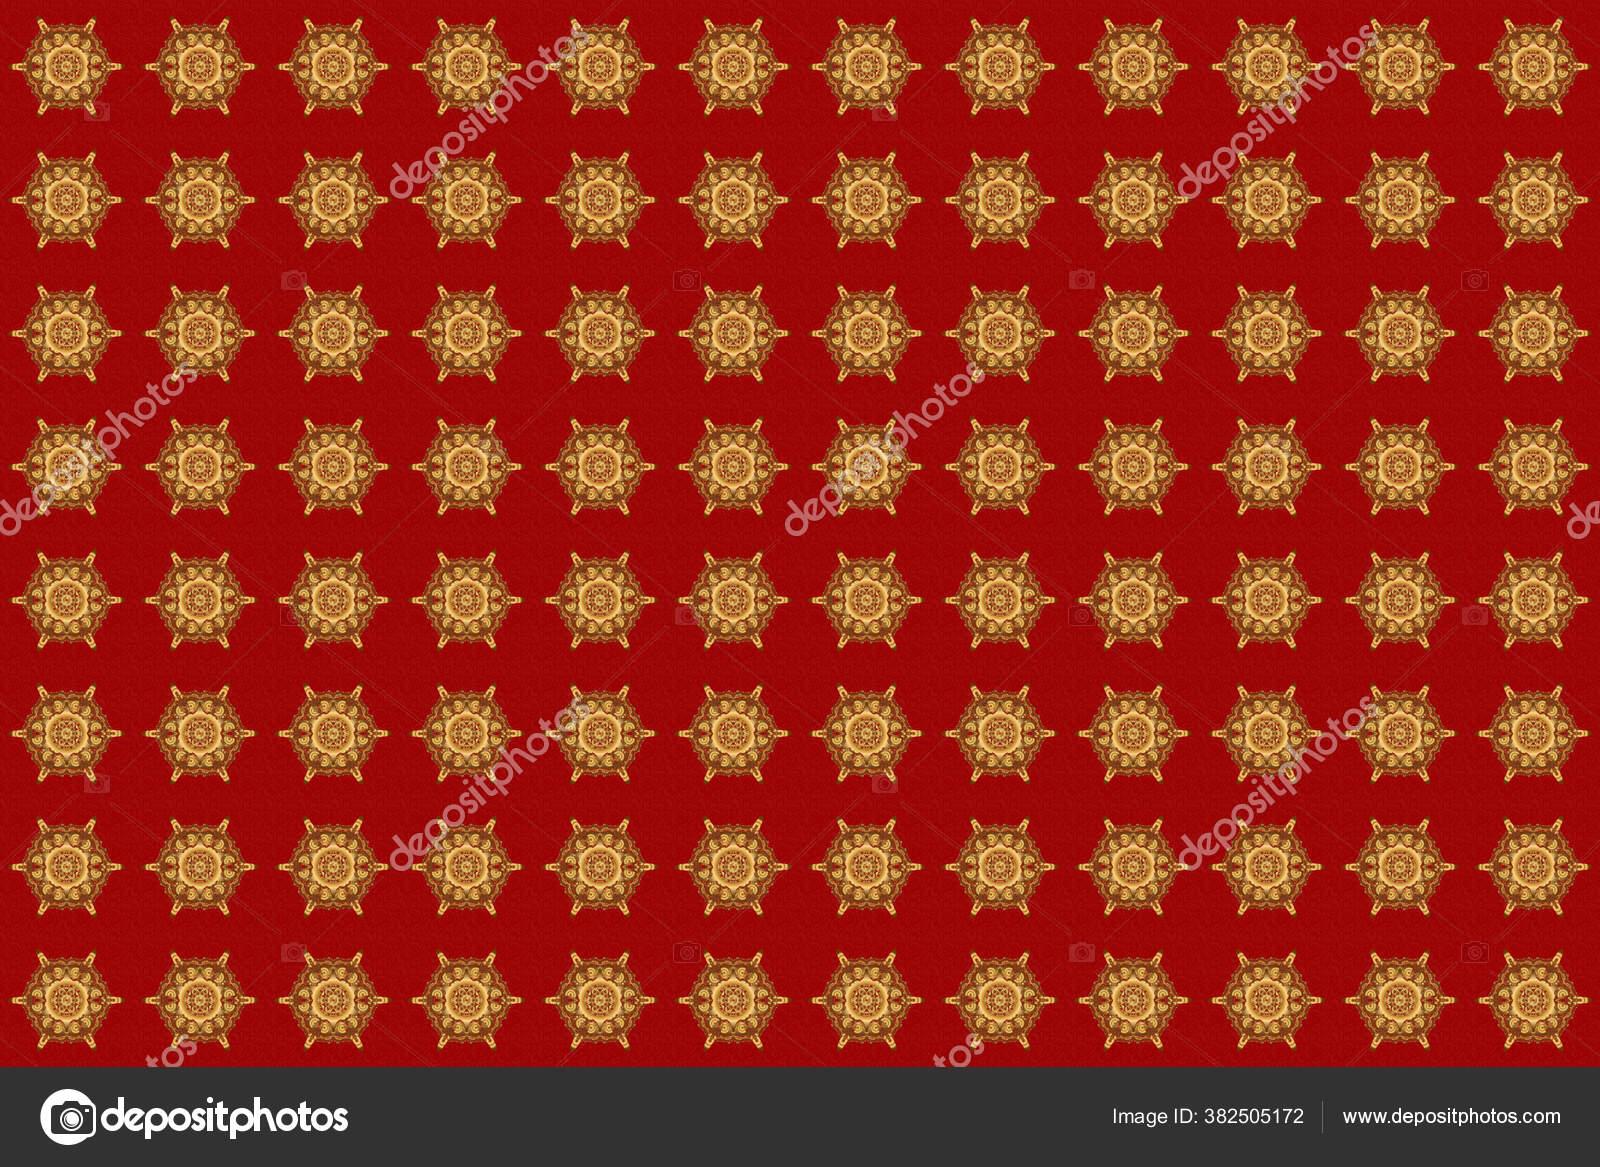 desain untuk spanduk mode label mandi pengantin atau undangan pernikahan stok foto c design at ua gmail com 382505172 https id depositphotos com 382505172 stock photo design fashion banner label bridal html